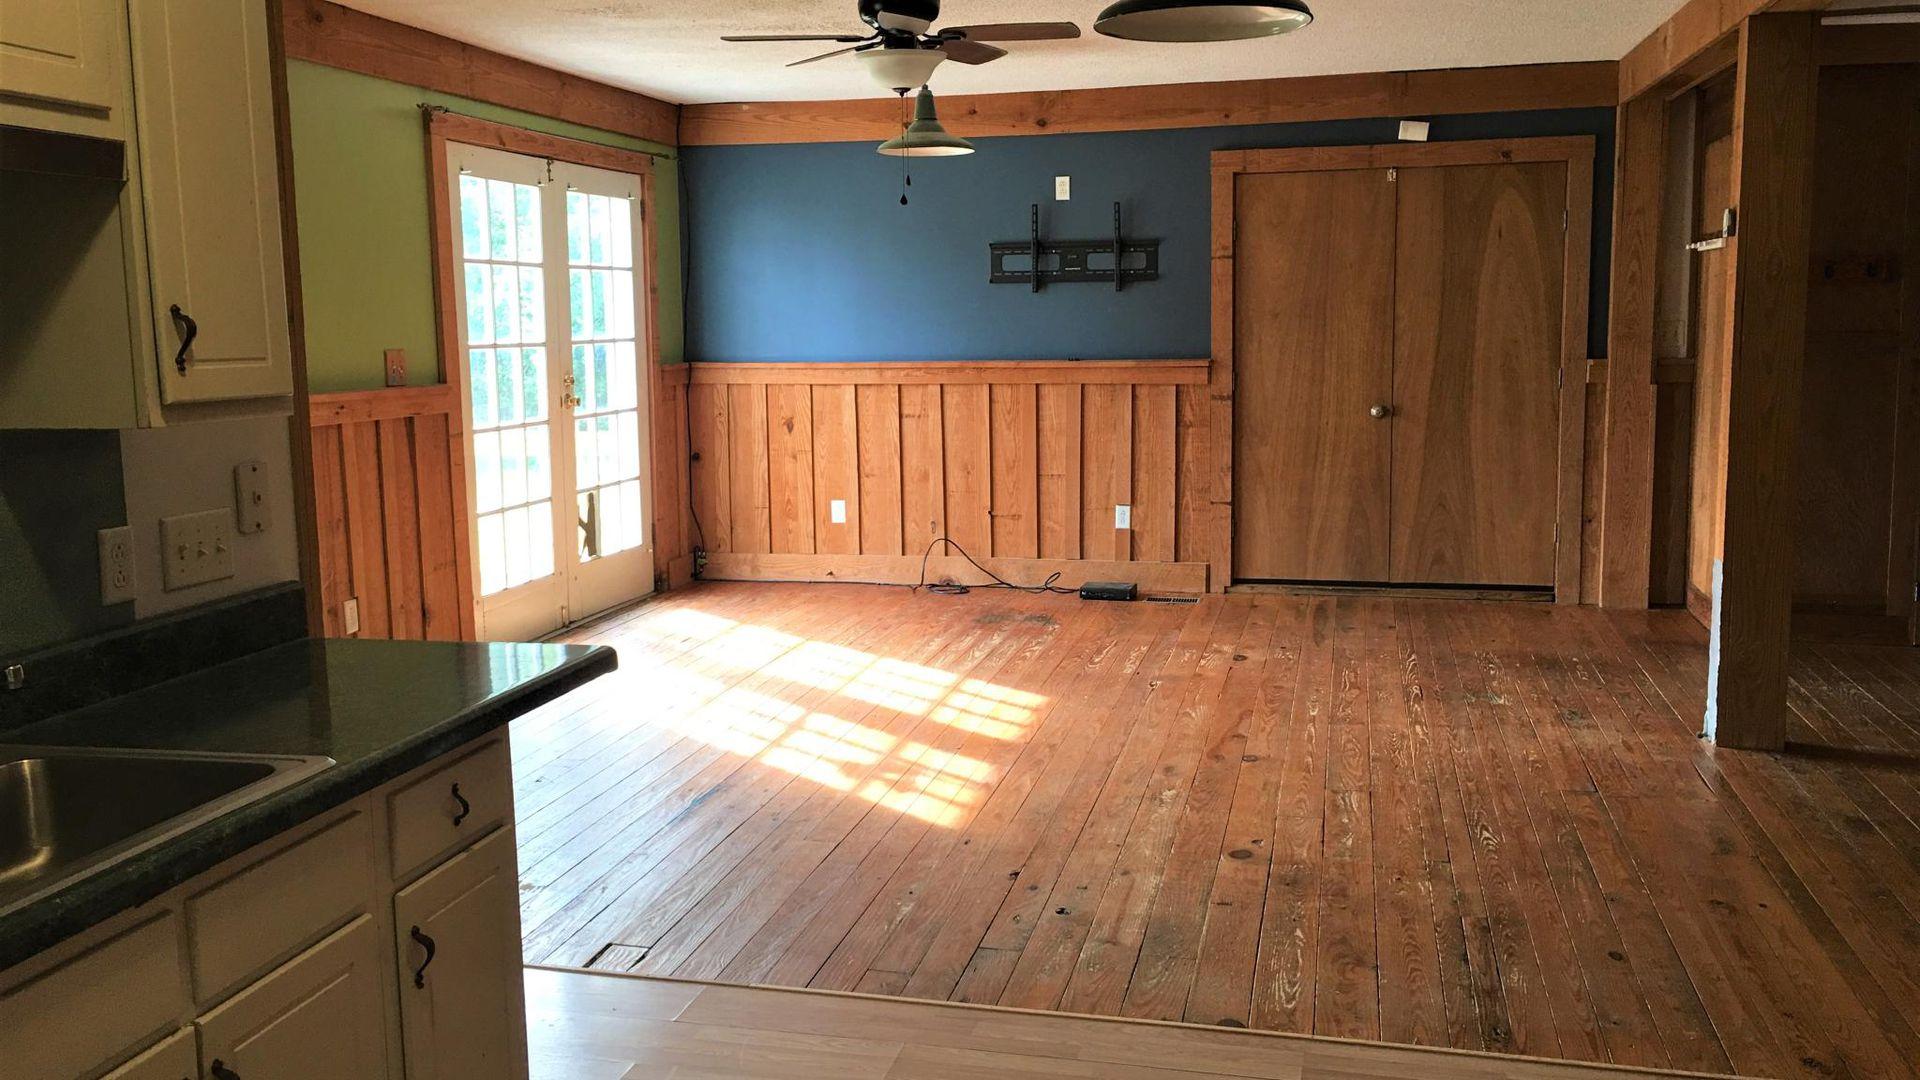 Rental Listings in Suffolk VA - 90 Rentals | Zillow